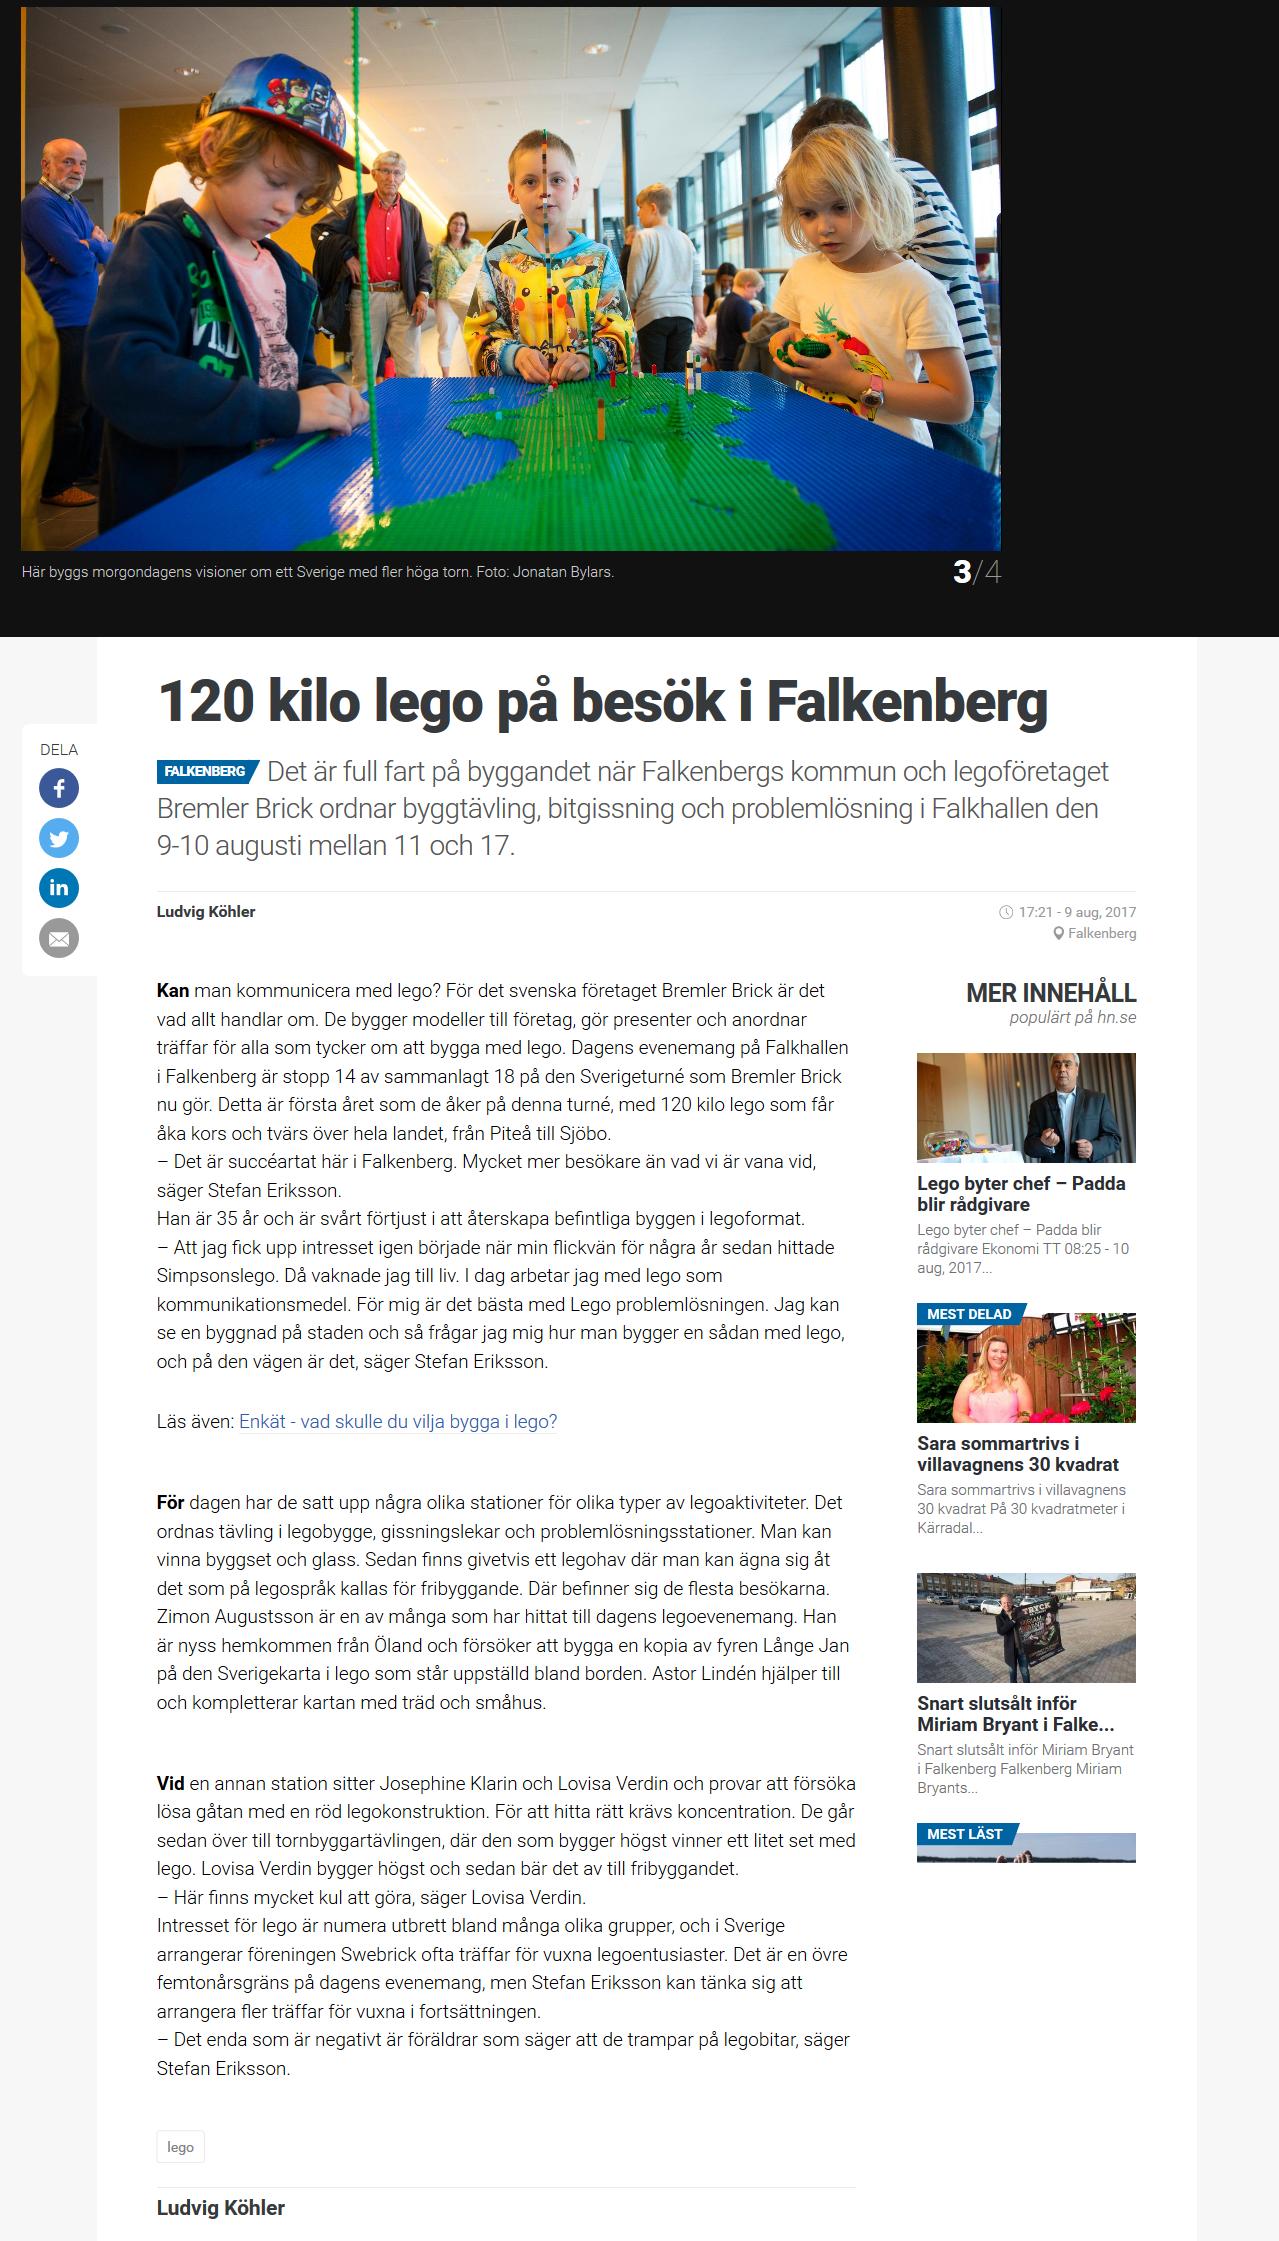 120 kilo lego på besök i Falkenberg